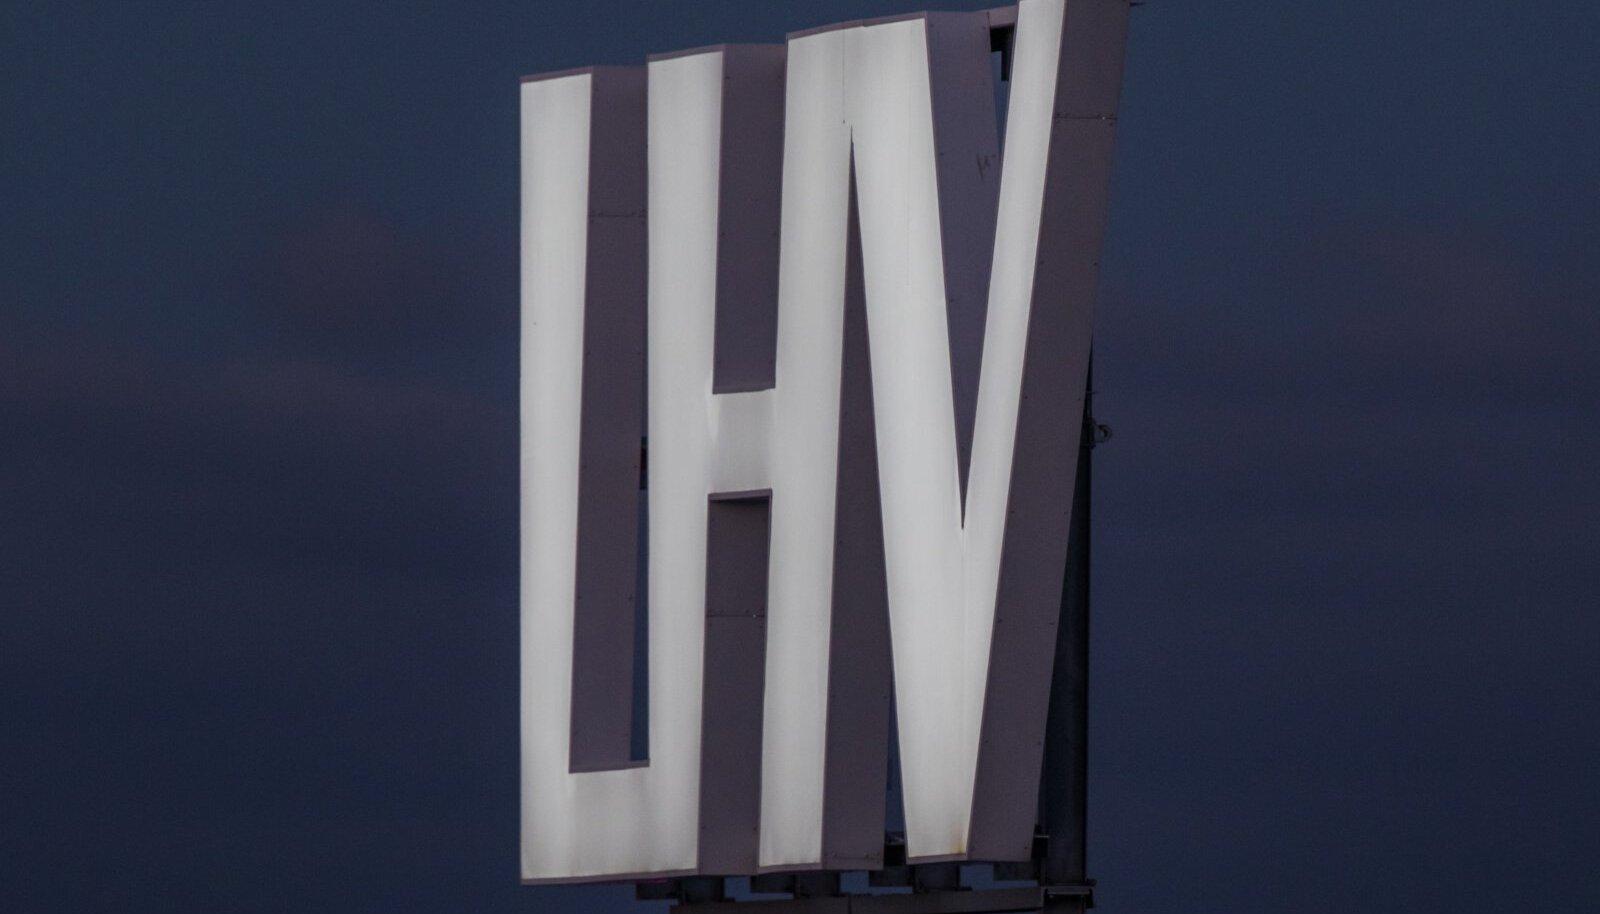 LHV logo